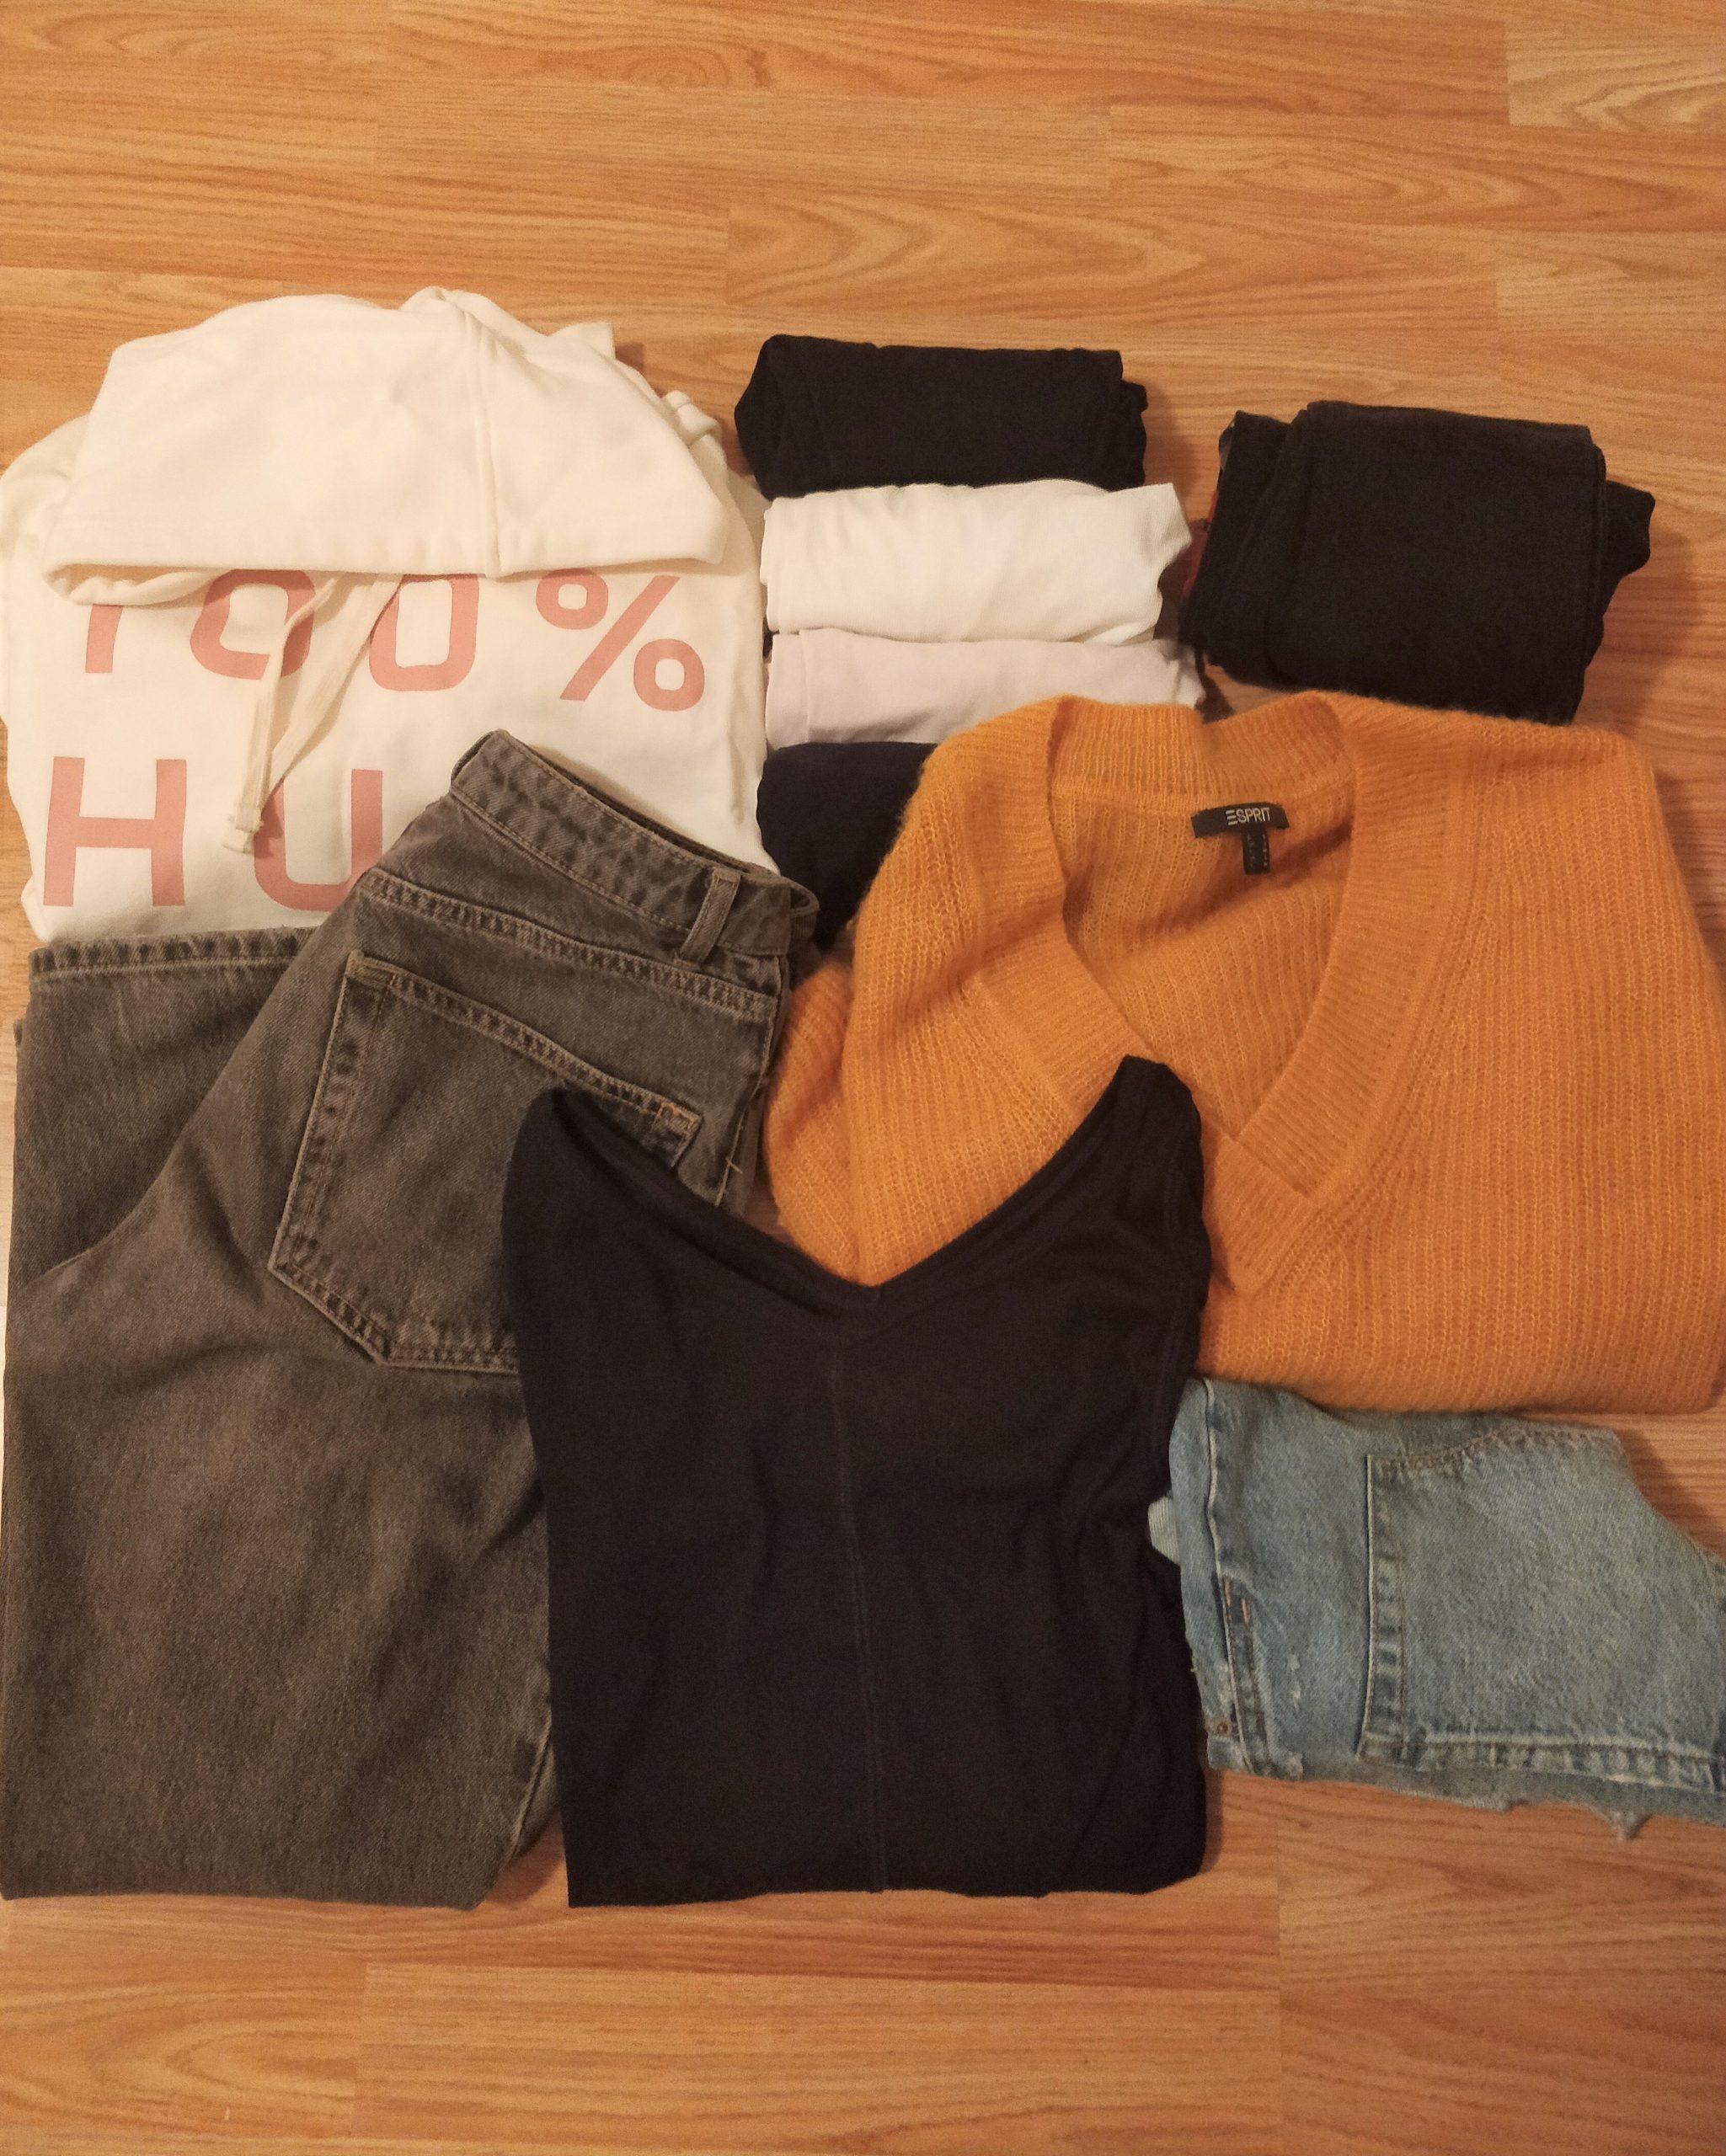 Alege-să-cumperi-conștient-și-din-inimă.-5-criterii-importante-pentru-mine_hainele-de-toamnă-iarnă